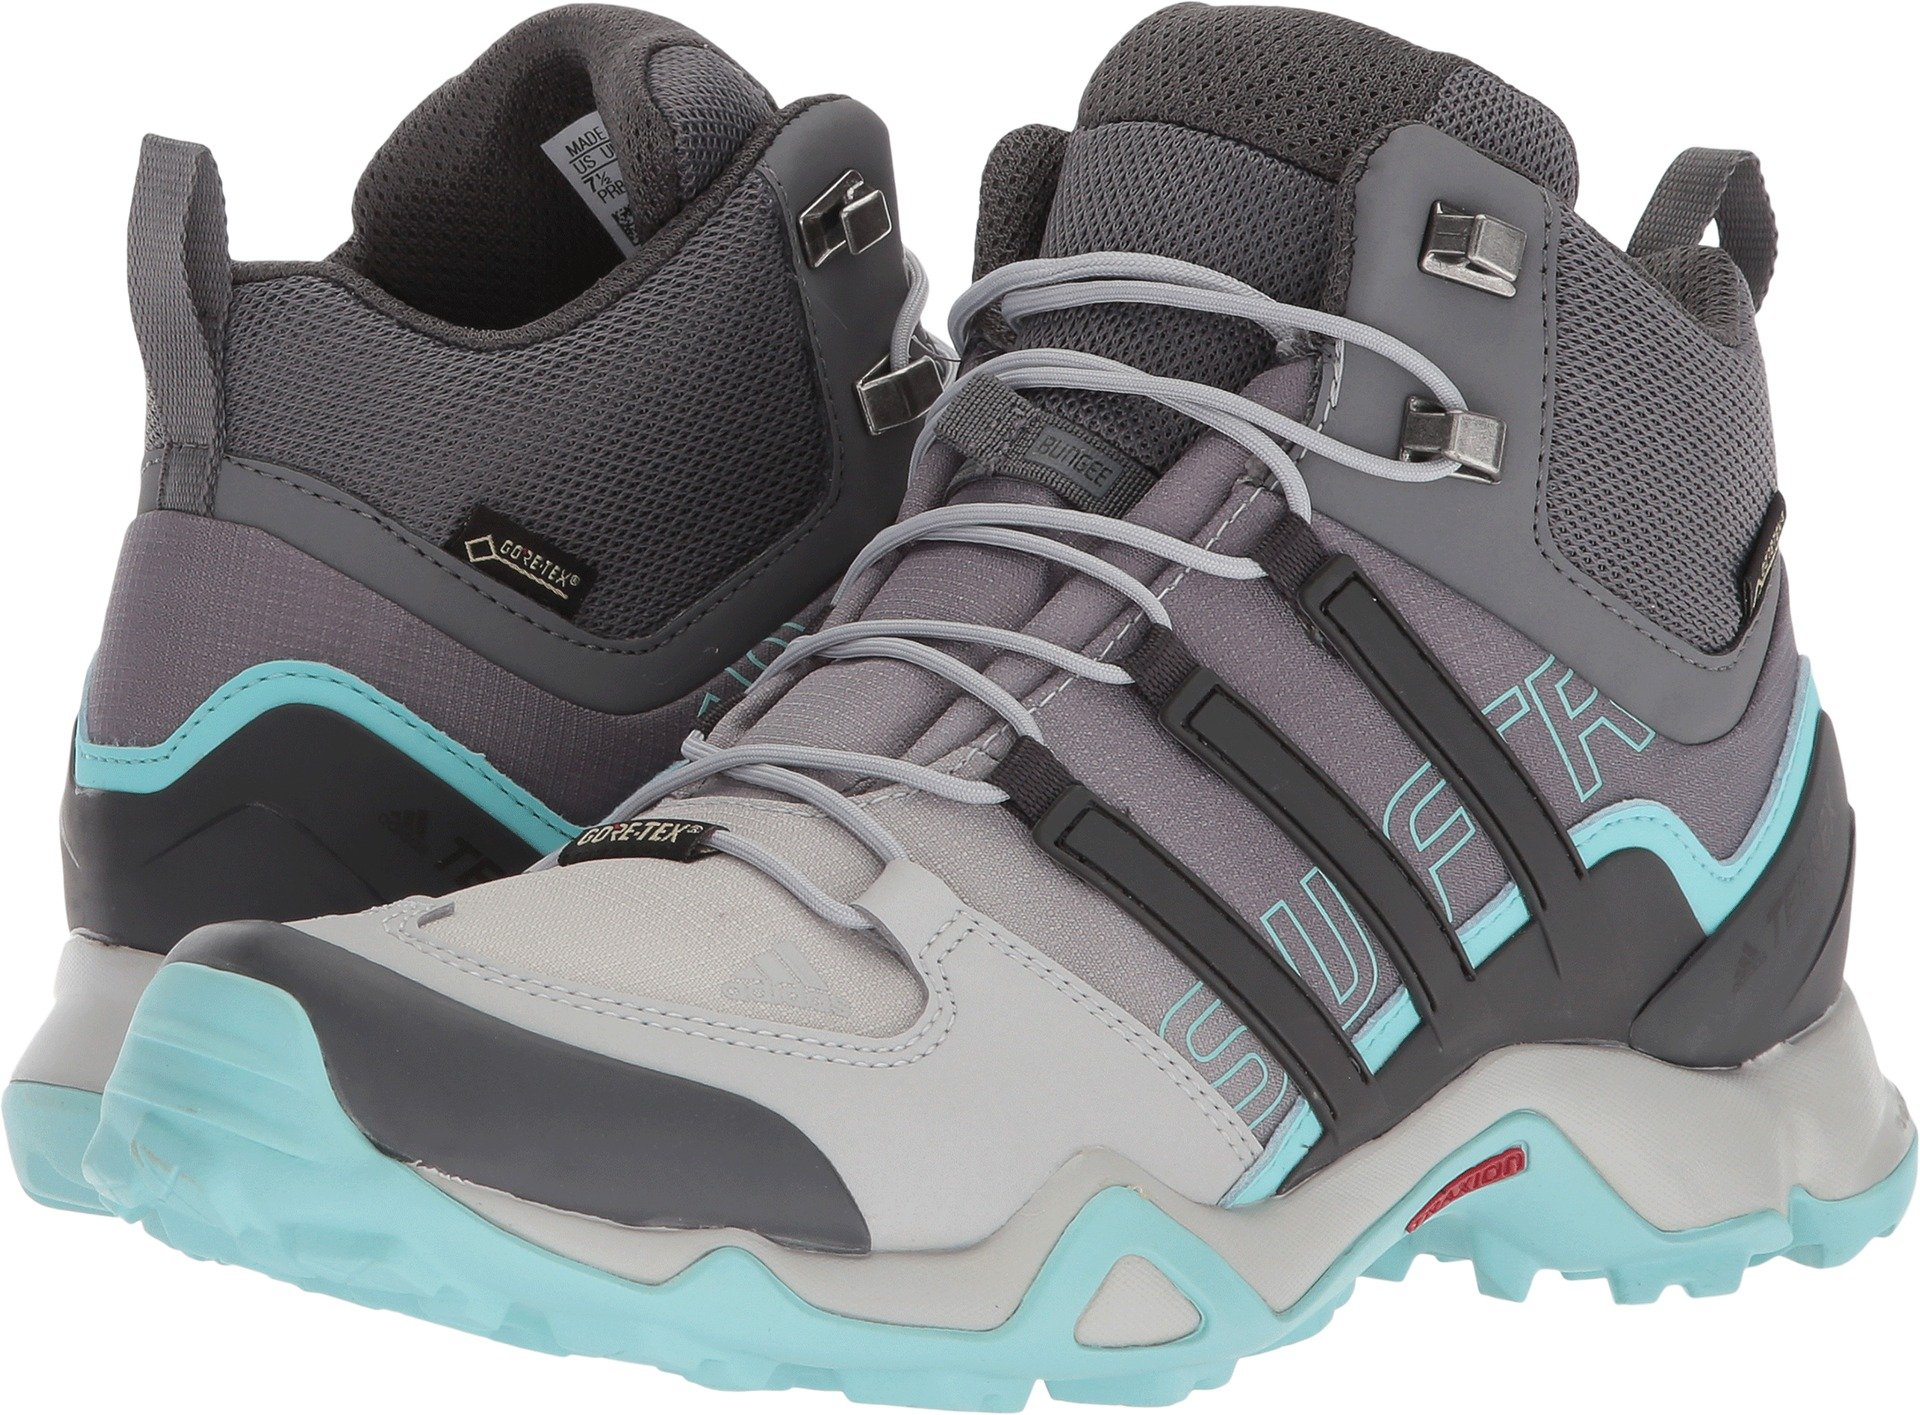 adidas Terrex Swift R Mid GTX Boot Women's Hiking 11 Grey-Utility Black-Clear Aqua by adidas (Image #1)